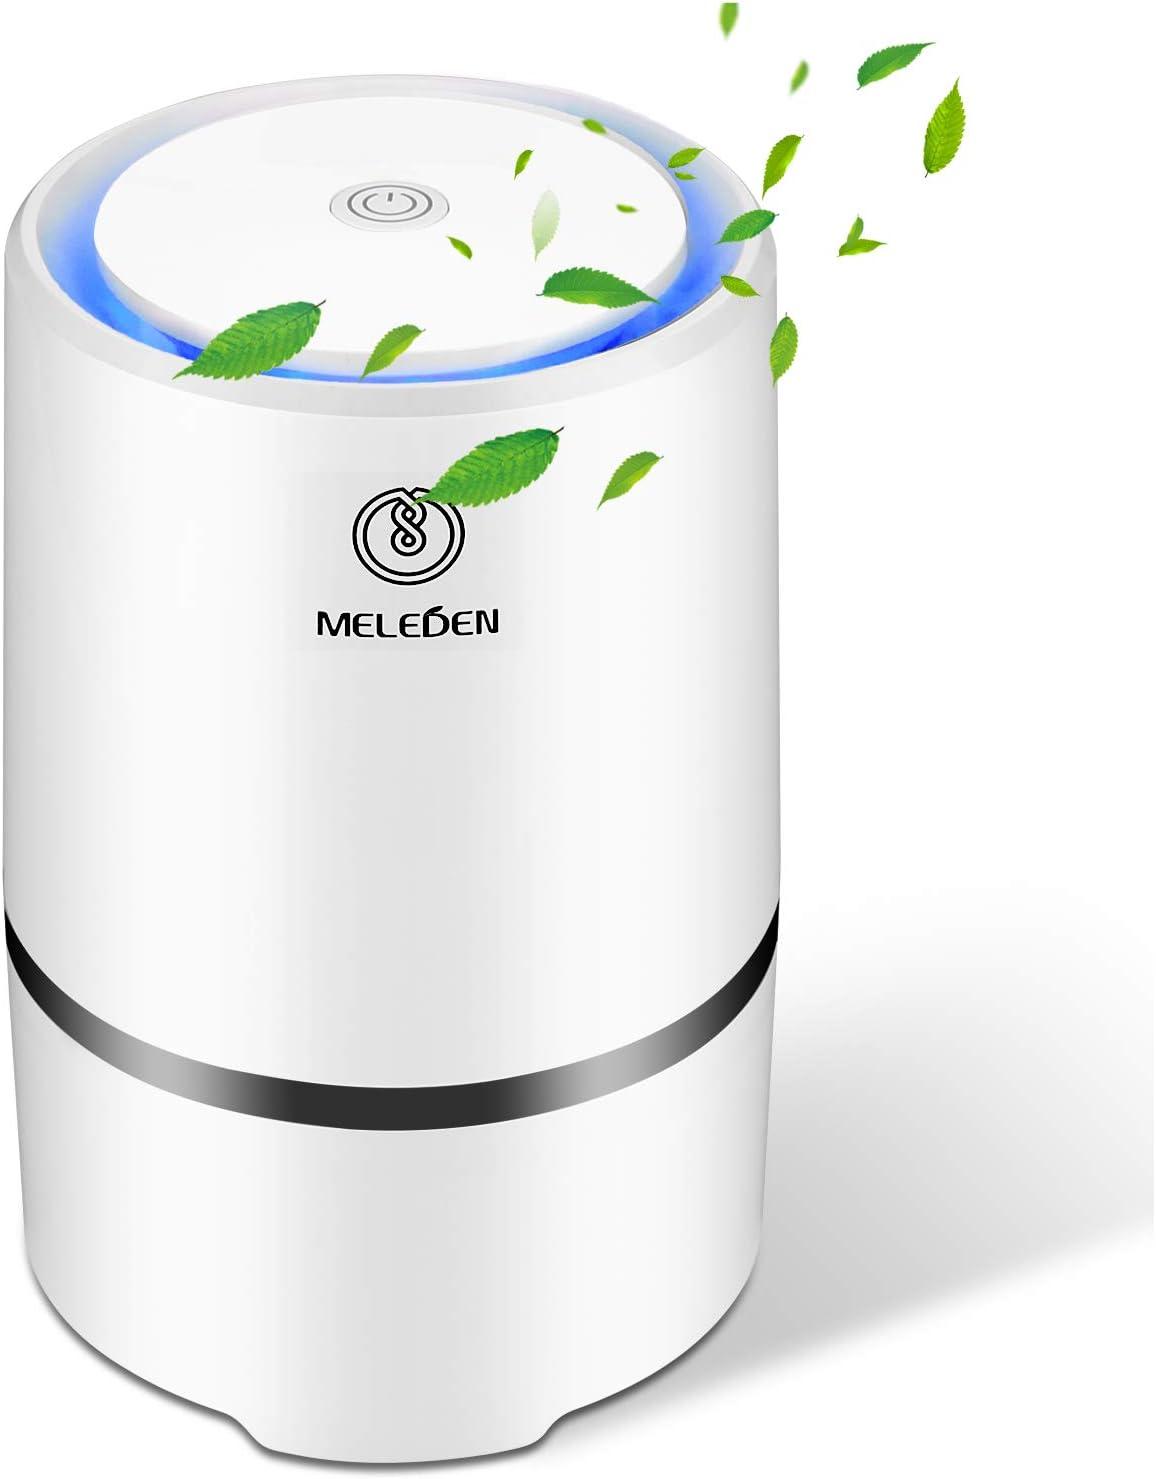 MELEDEN Purificador de aire para el hogar con filtros, 2020 mejorado diseño purificador de aire de bajo ruido